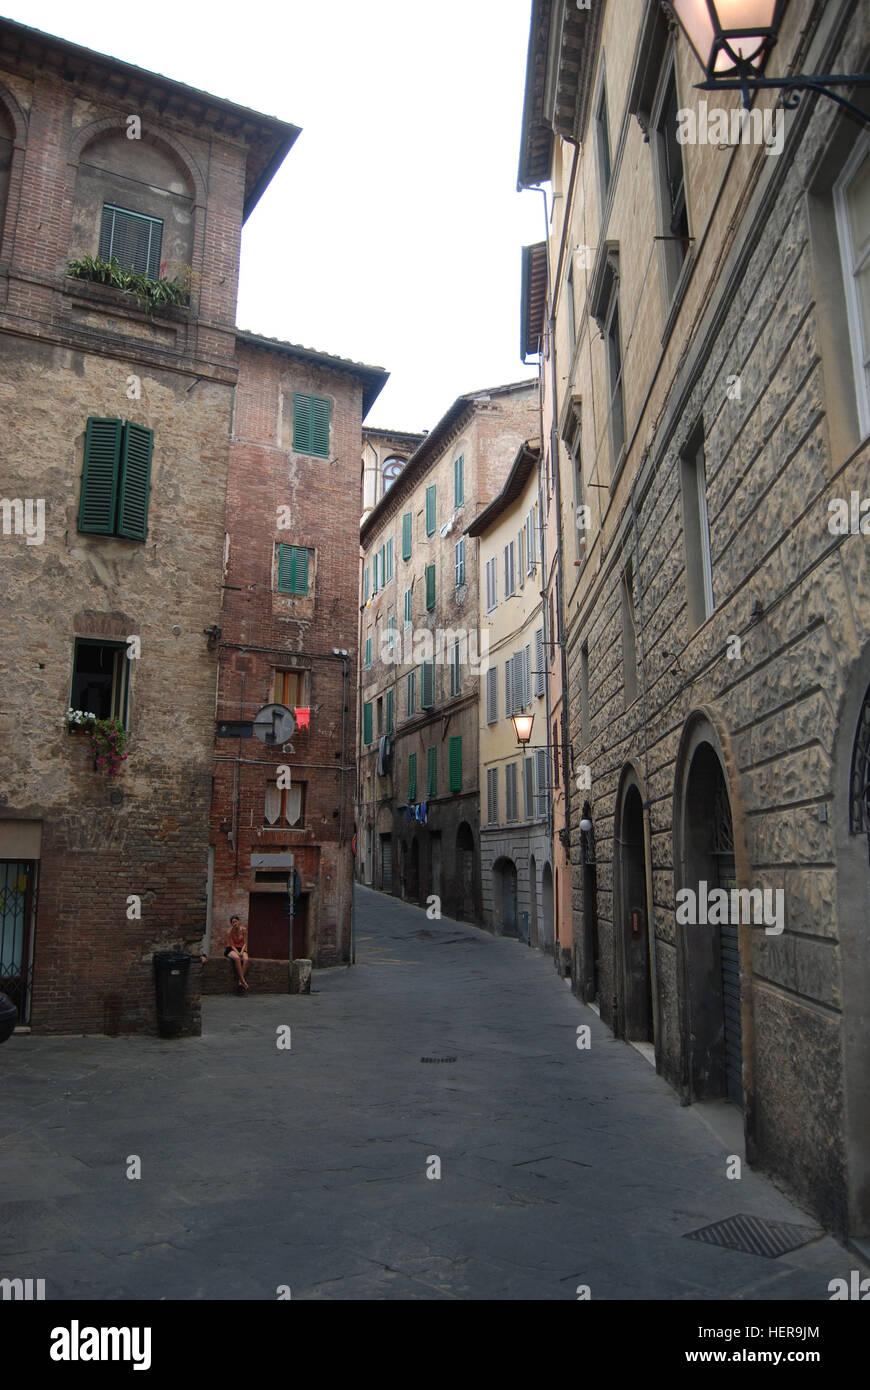 Jugendliche Frau Sitzt Alleine Auf Einer Mauer Mit Gekreuzten Beinen in Einer Gasse in der Altstadt von Siena, Toskana, Stockbild